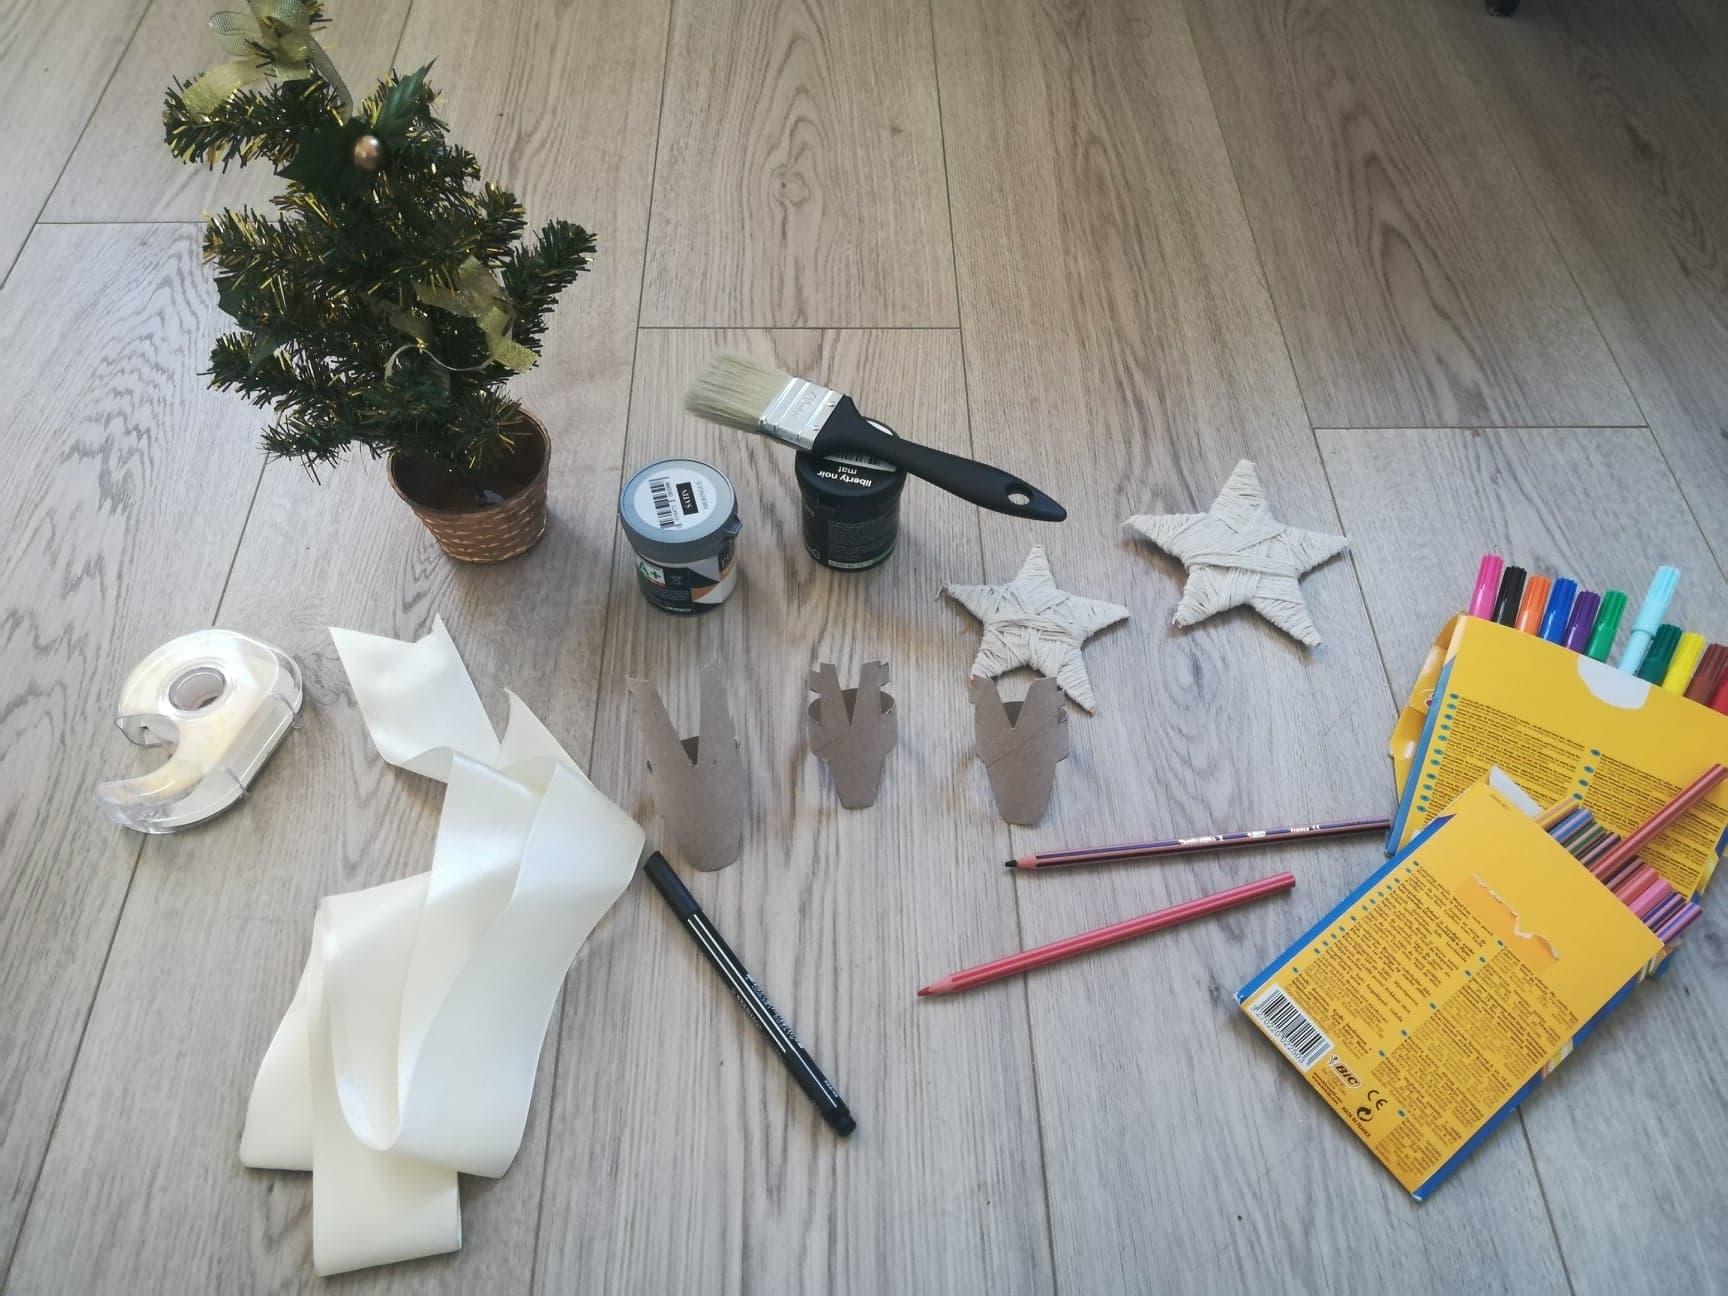 Sur le sol, du matériel est déposé. On retrouve un ruban blanc, des crayons de couleurs, des étoiles en cartons recouvertes de cordes, des rennes en carton, de la peinture, un pinceau et un petit sapin miniature.